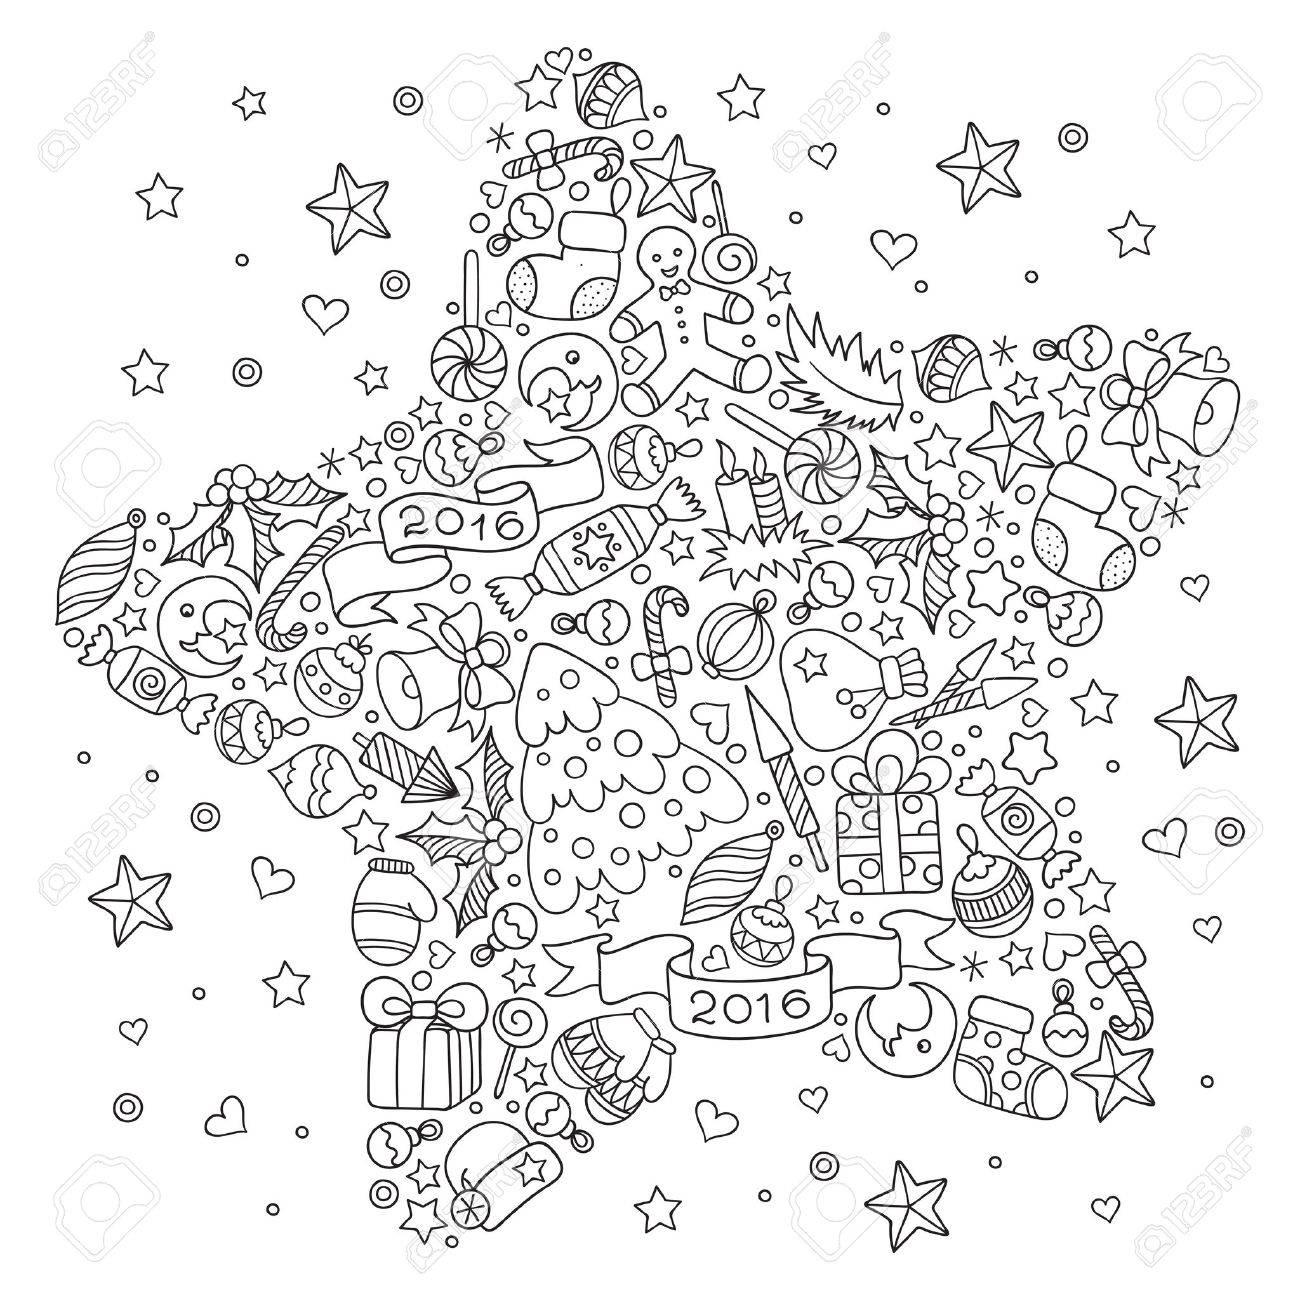 étonnant  Mot-Clé Motif pour livre de coloriage. tiré par la main Noël éléments décoratifs en  vecteur. étoile de Noël à partir d'éléments de décoration de Noël.